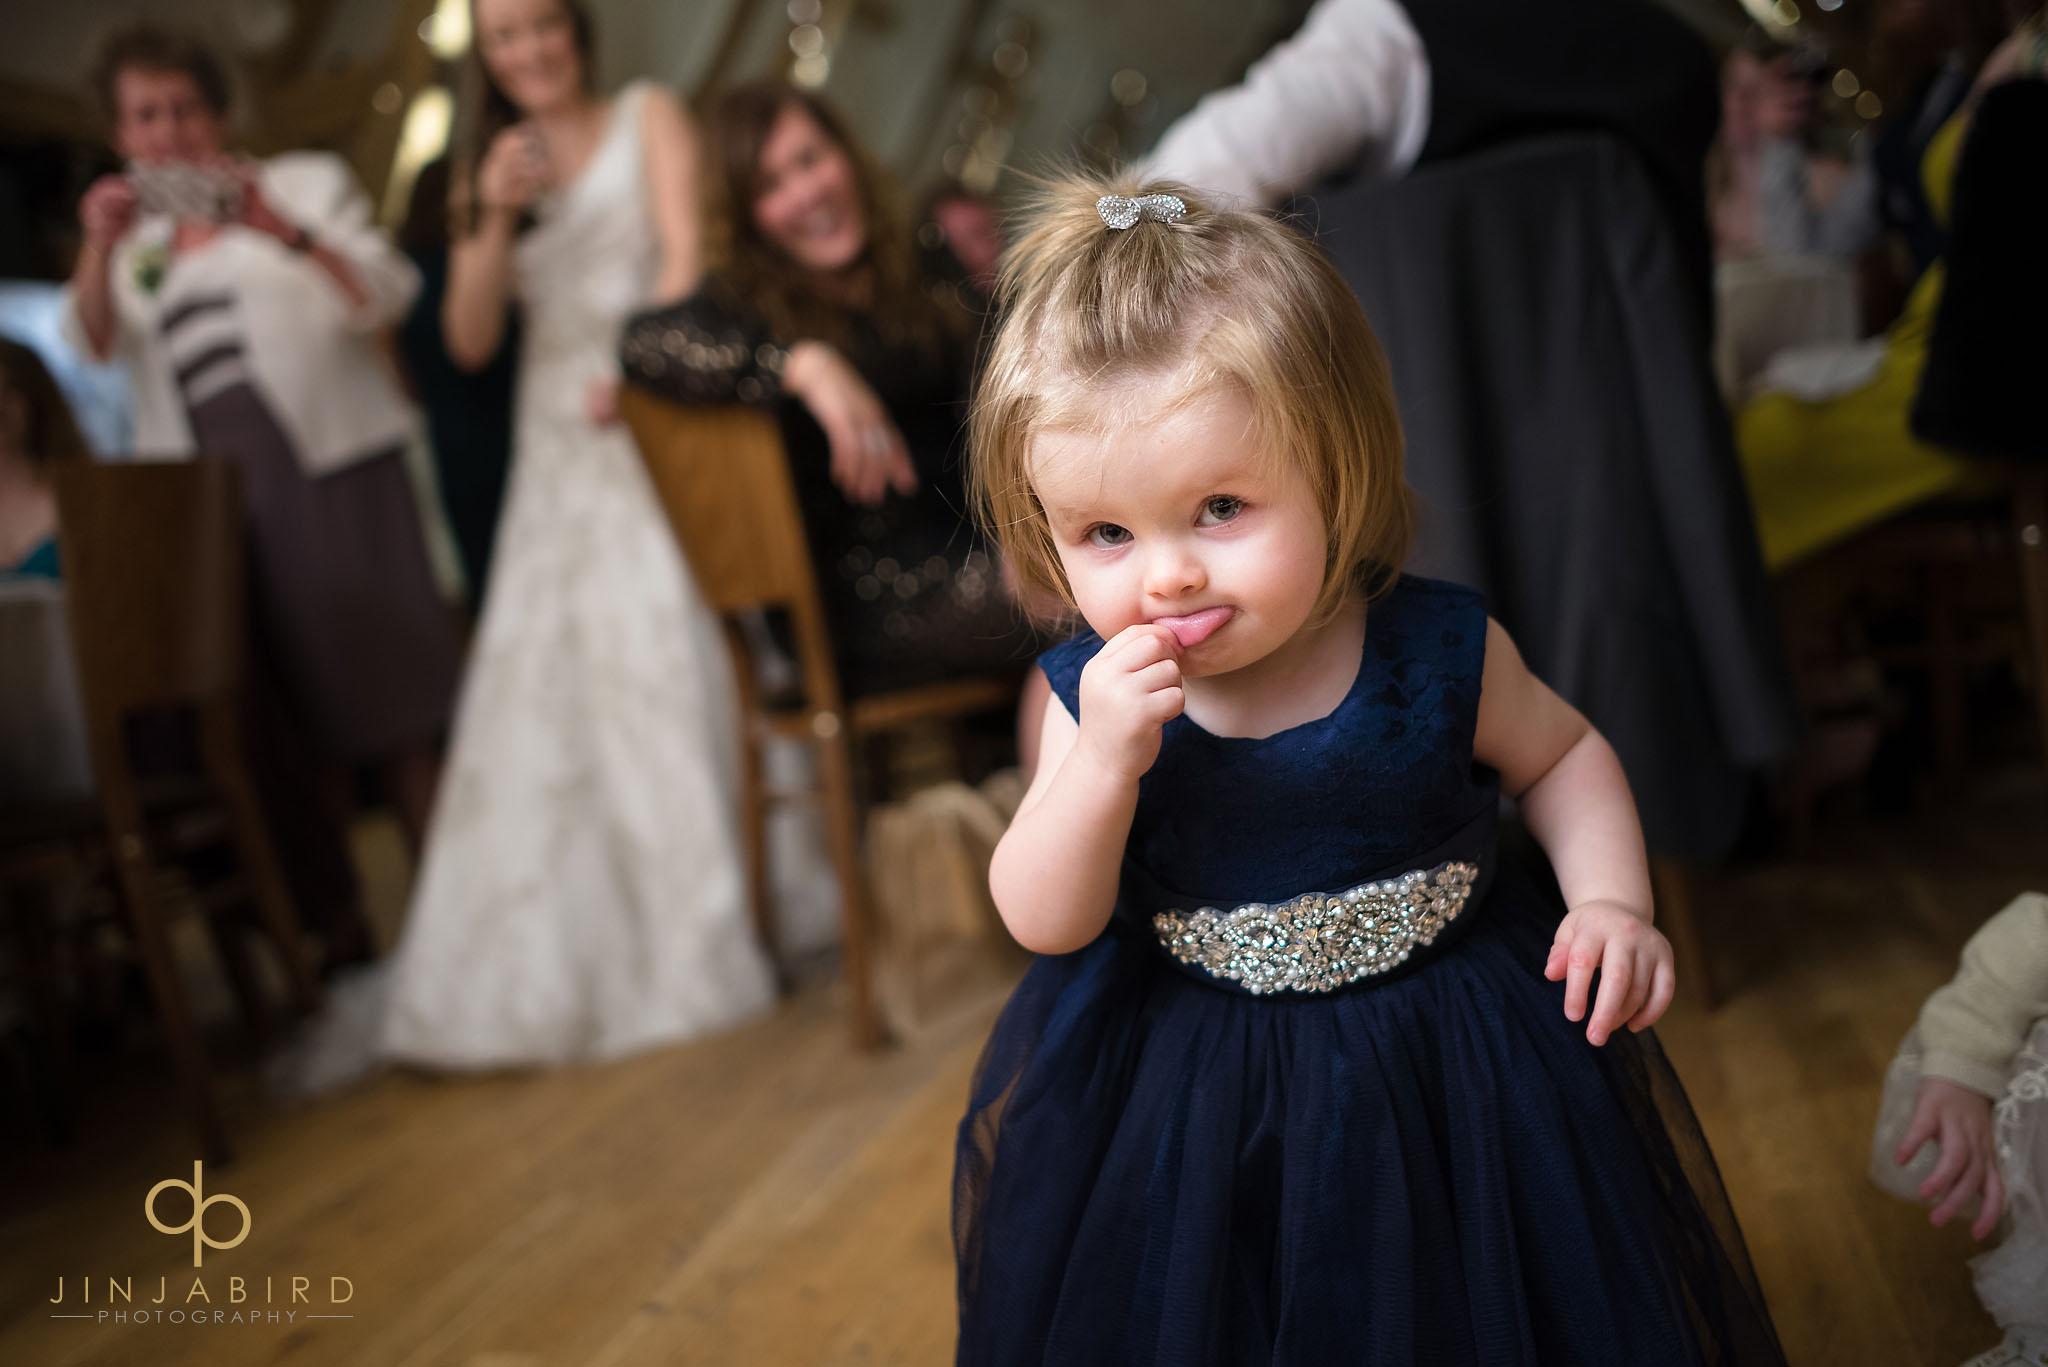 brides daughter dancing